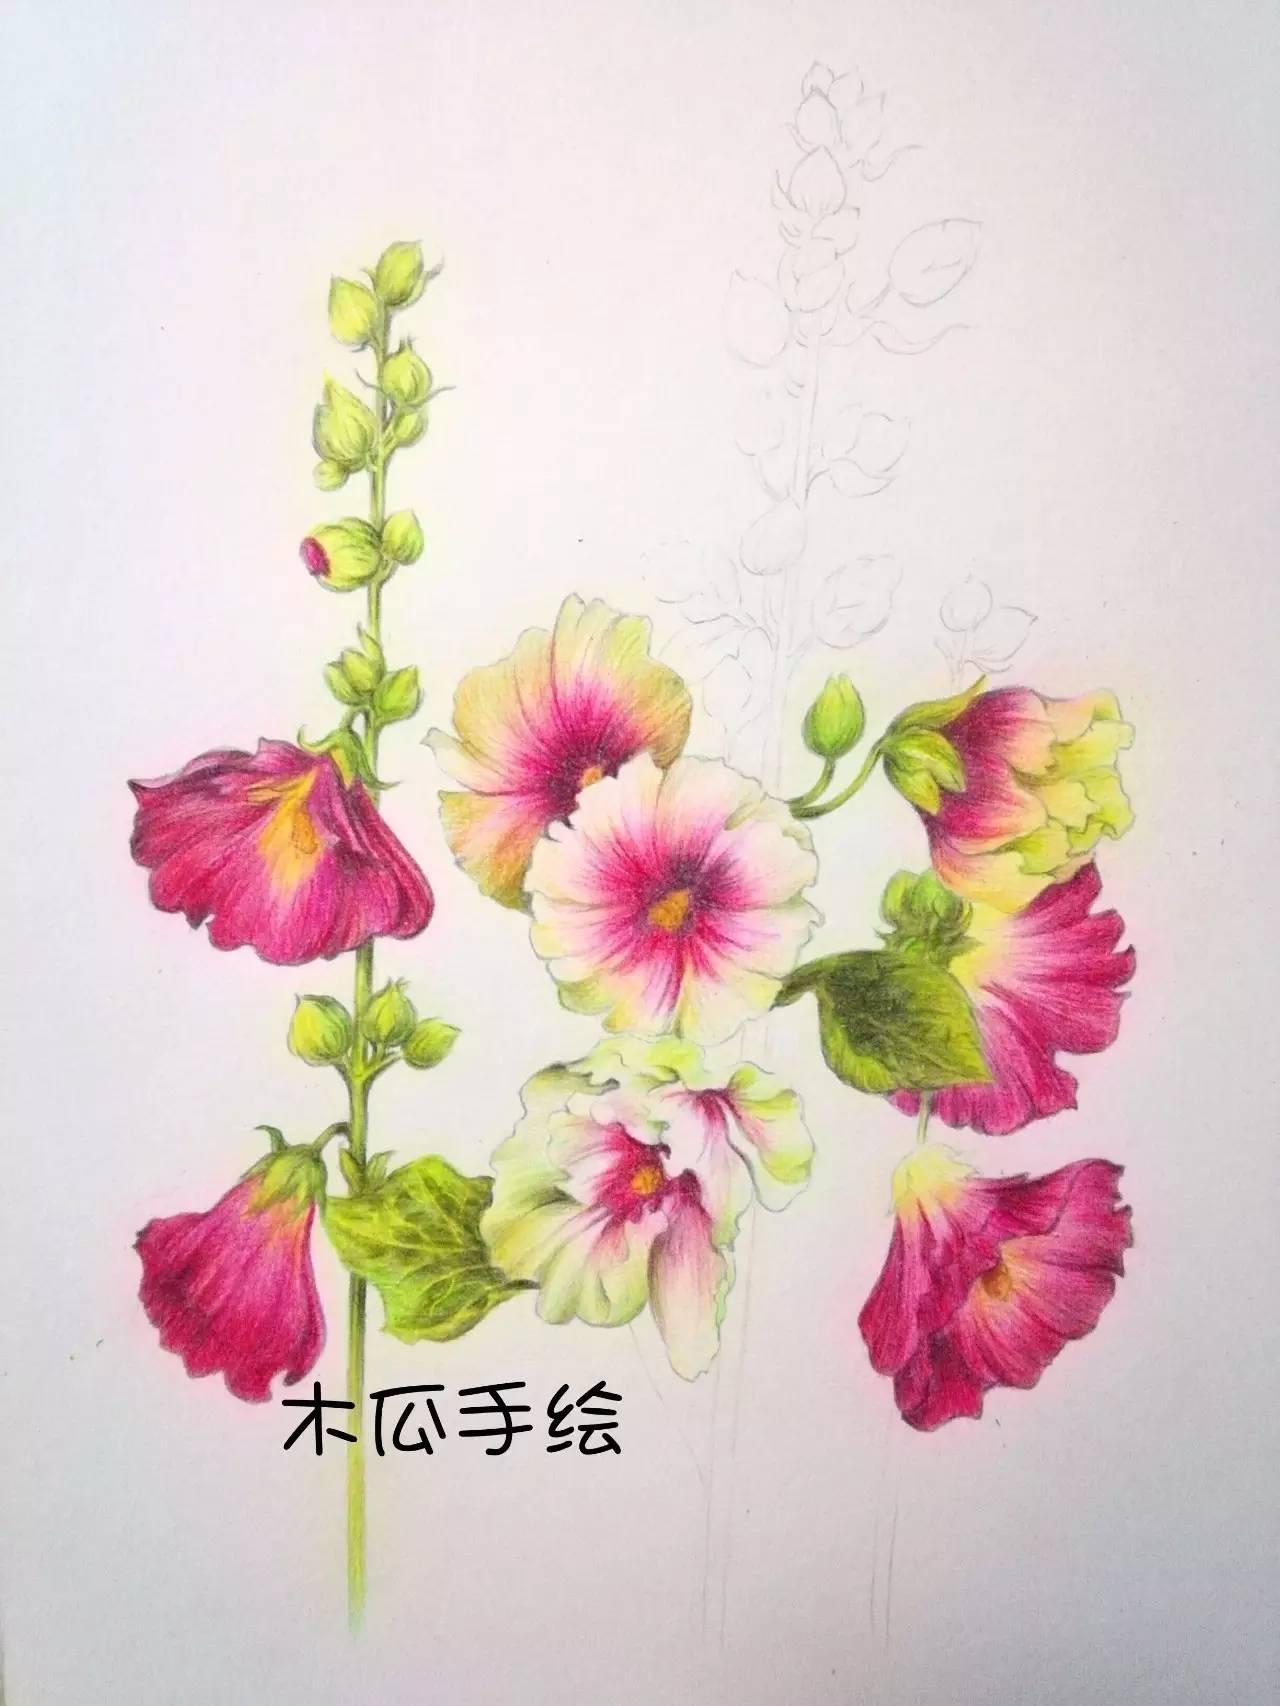 彩铅手绘~蜀葵